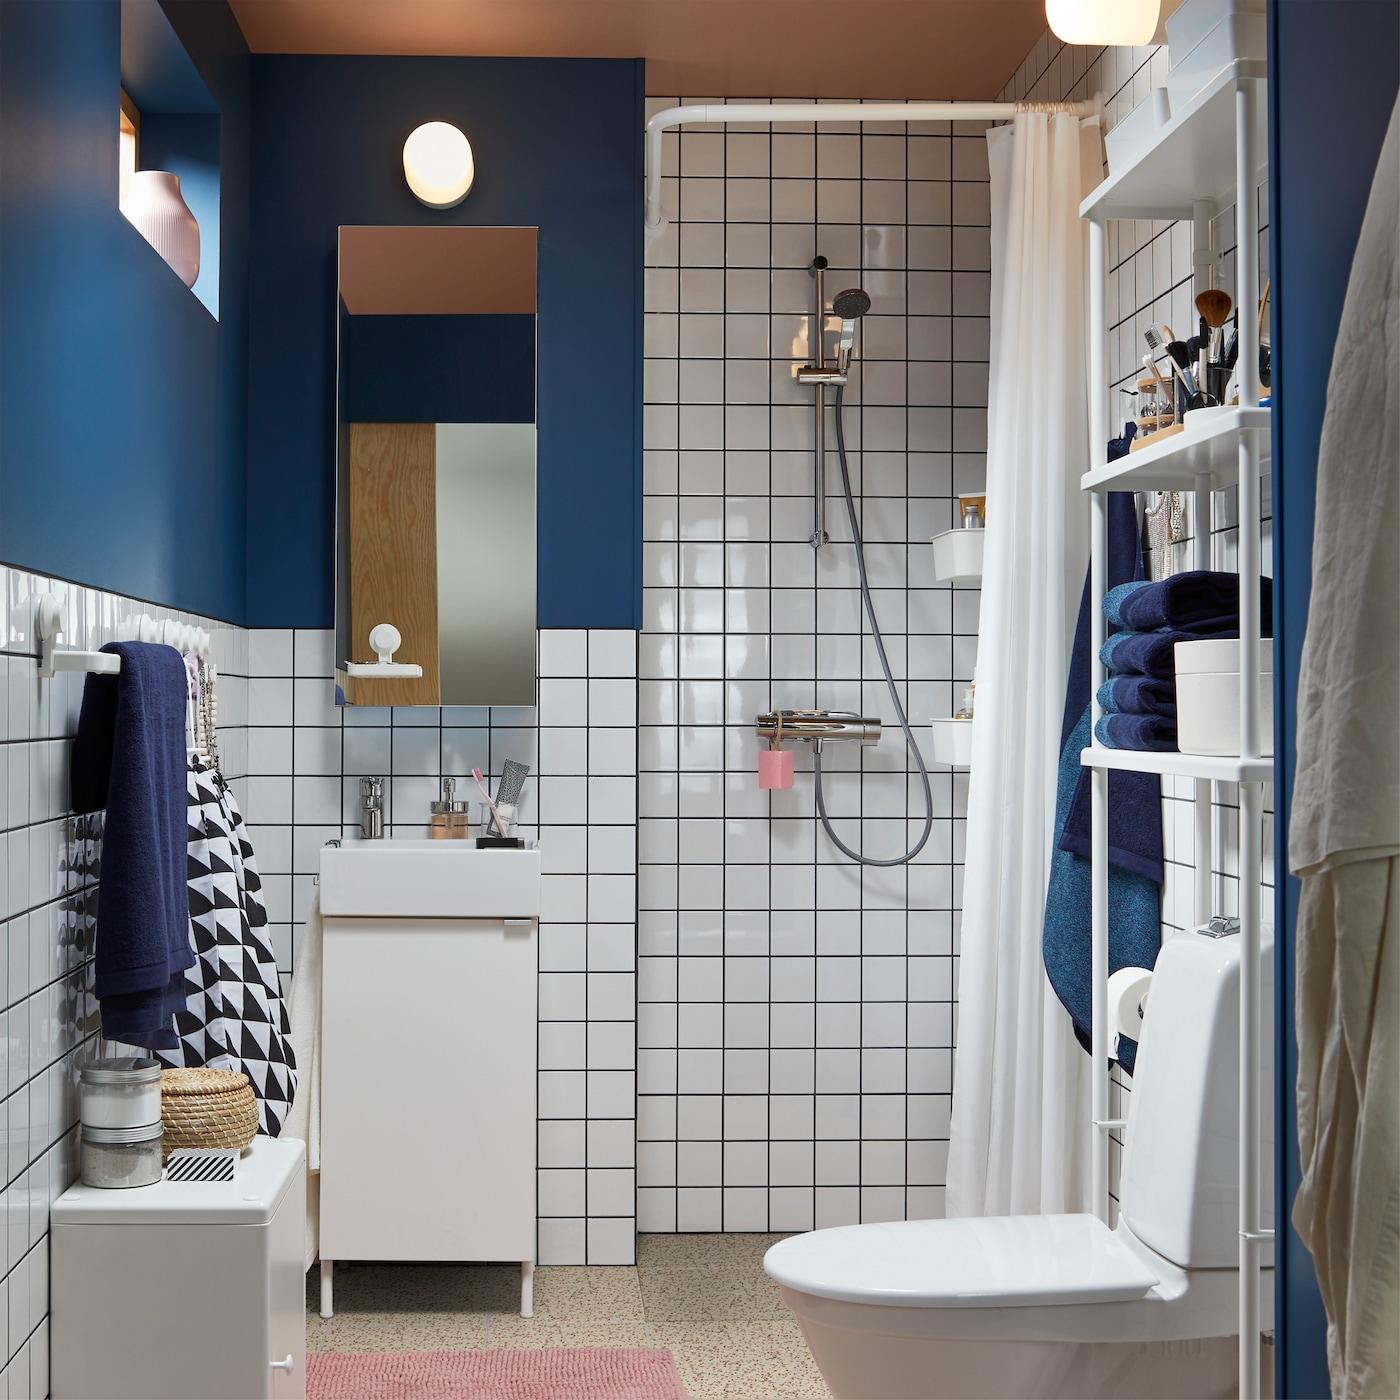 シャワー、ホワイトの家具、ホワイトのタイル、ダークブルーの壁、ピンクのバスマット、ミラーキャビネット、ブルーのタオルがある小さなバスルーム。